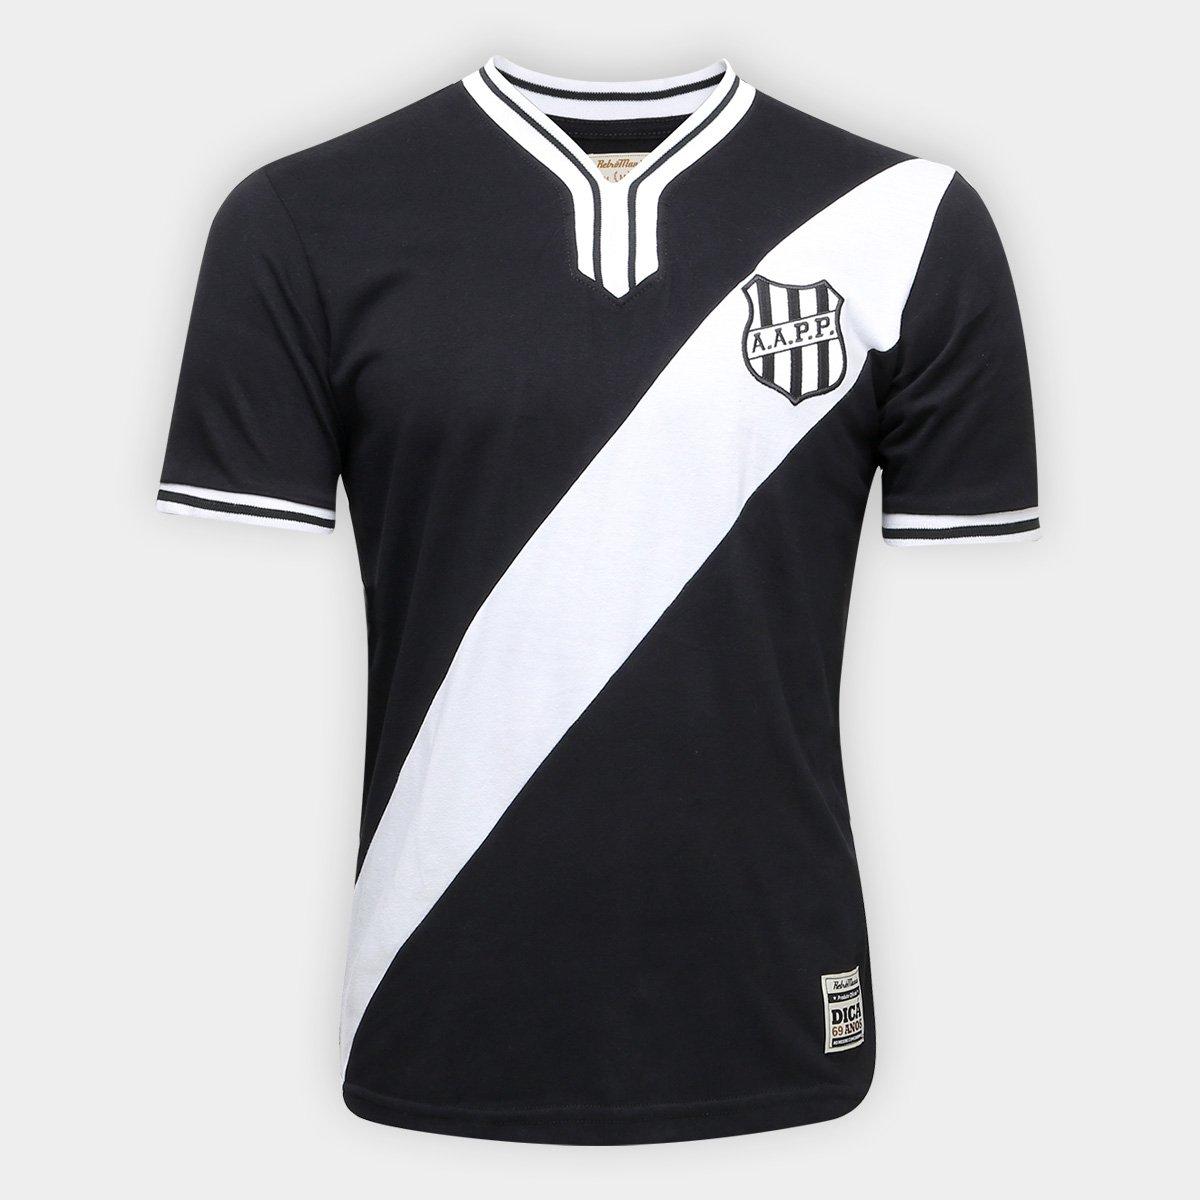 Camiseta Ponte Preta Retrô nº 10 1977 Masculina